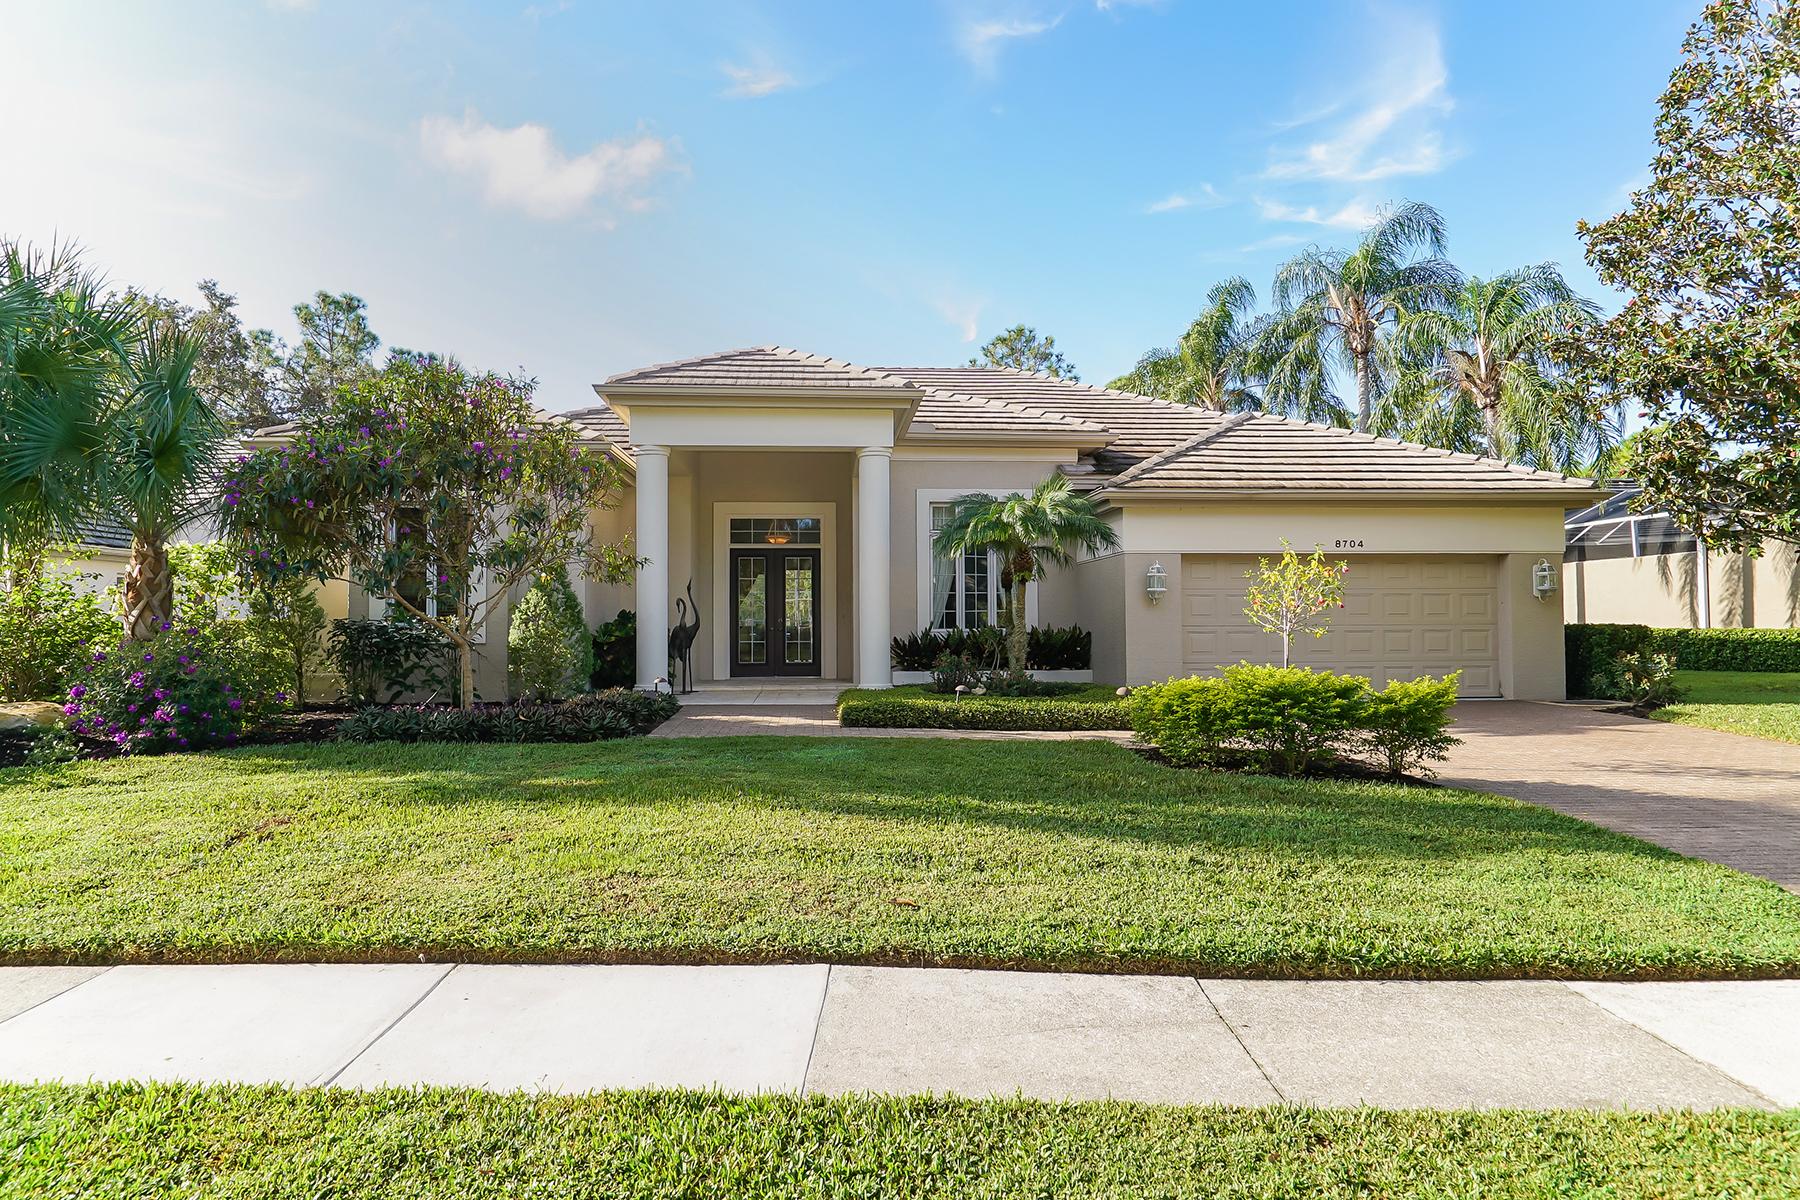 獨棟家庭住宅 為 出售 在 ROSEDALE 8704 54th Ave E, Bradenton, 佛羅里達州, 34211 美國